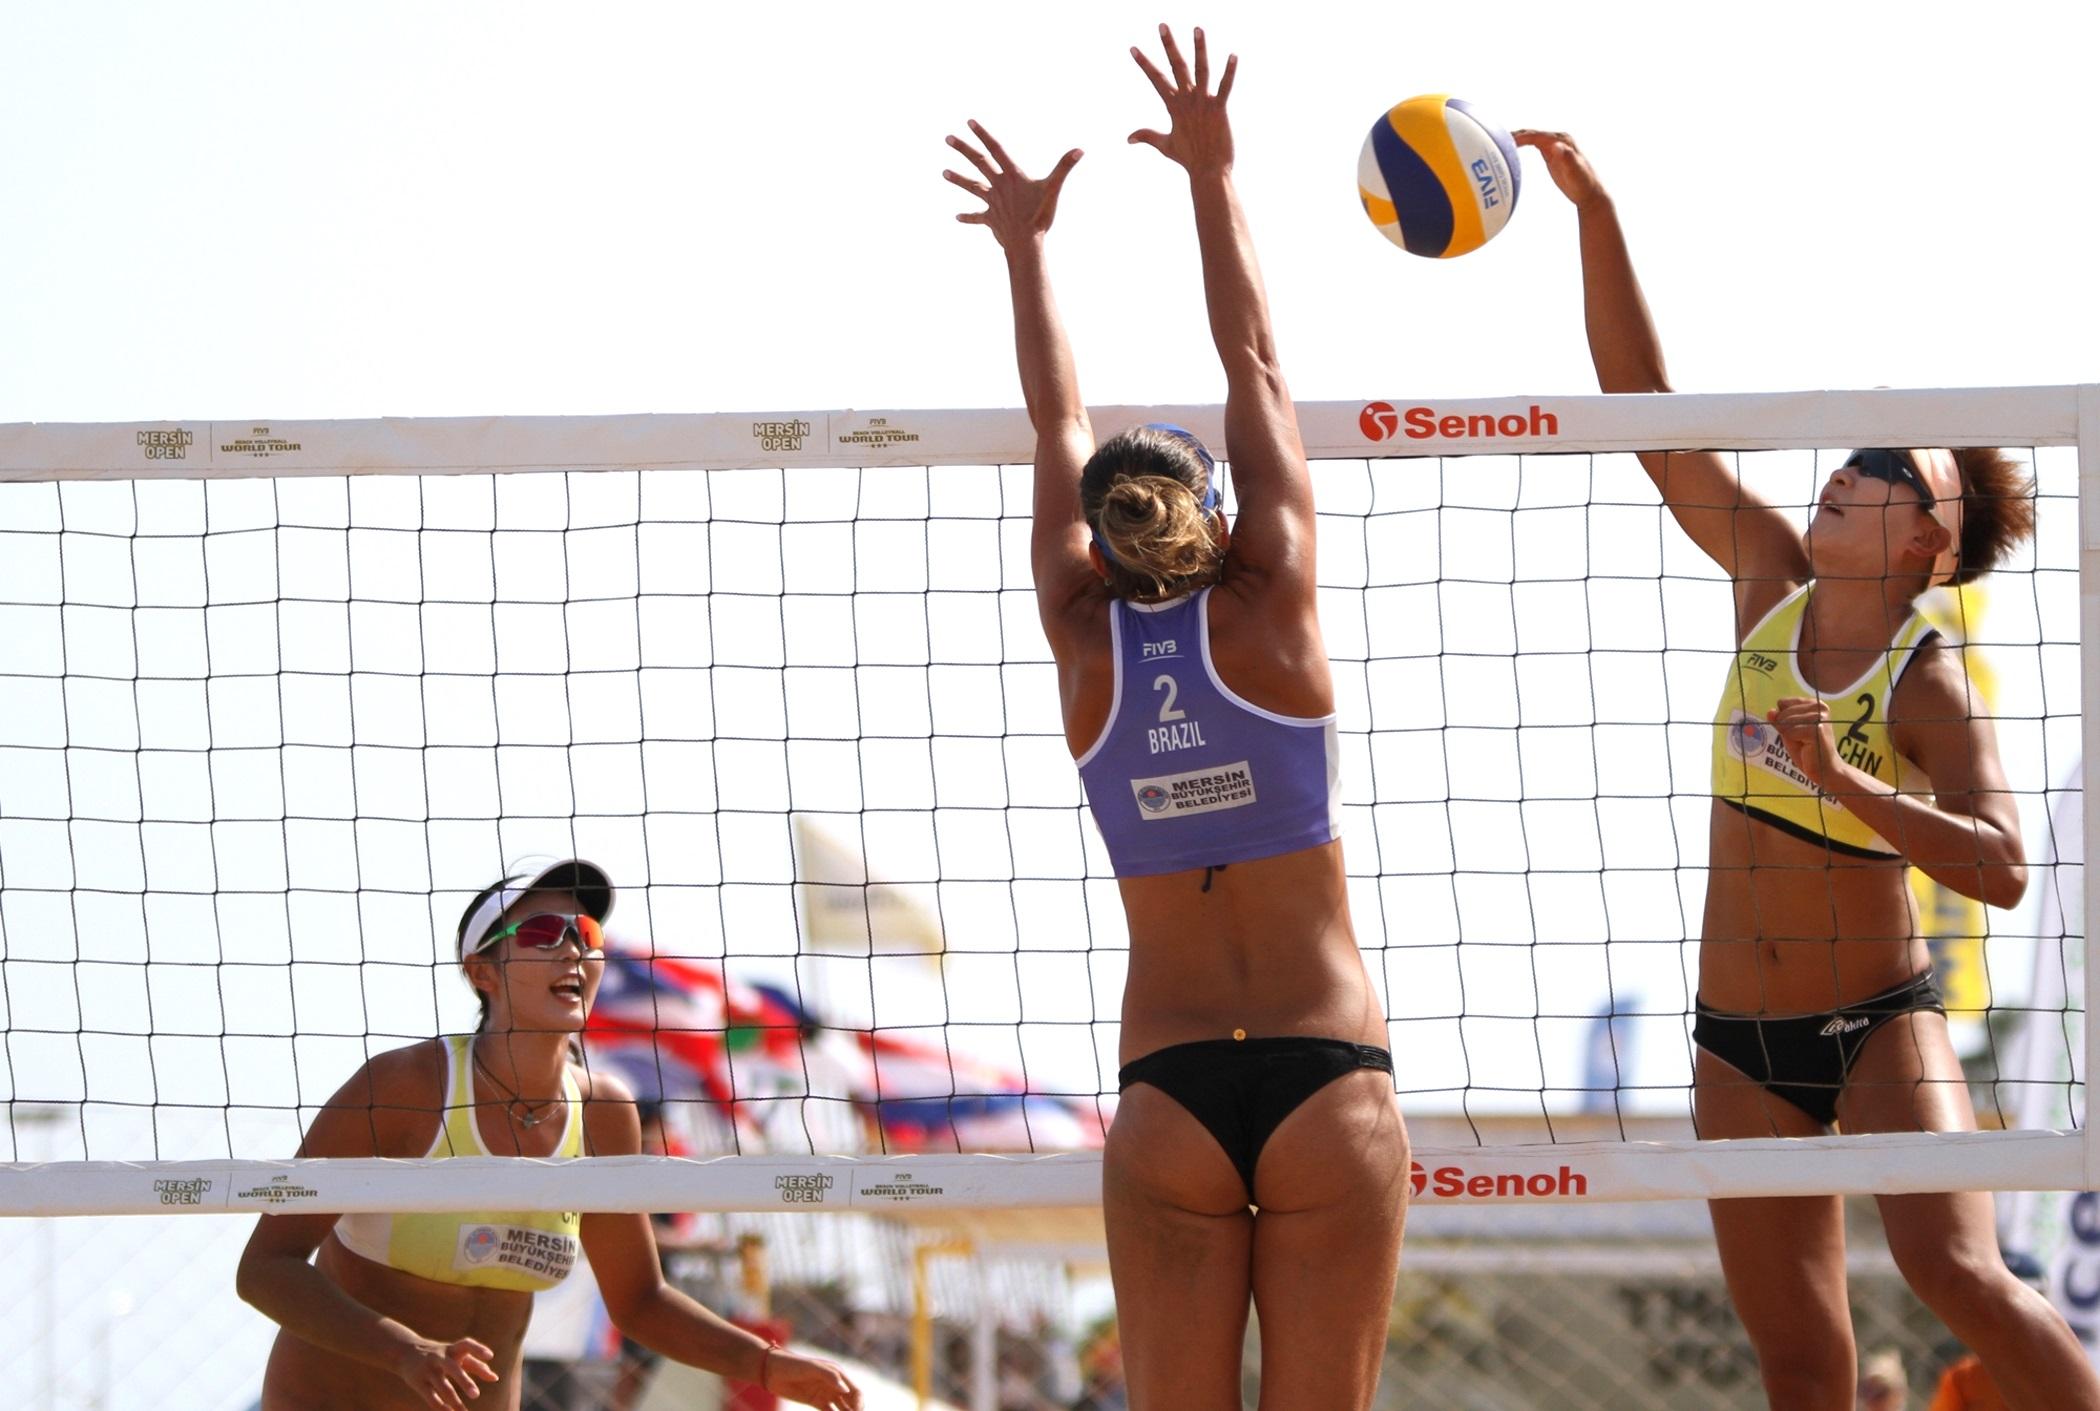 Brasil larga com três vitórias e vai às oitavas na etapa da Turquia